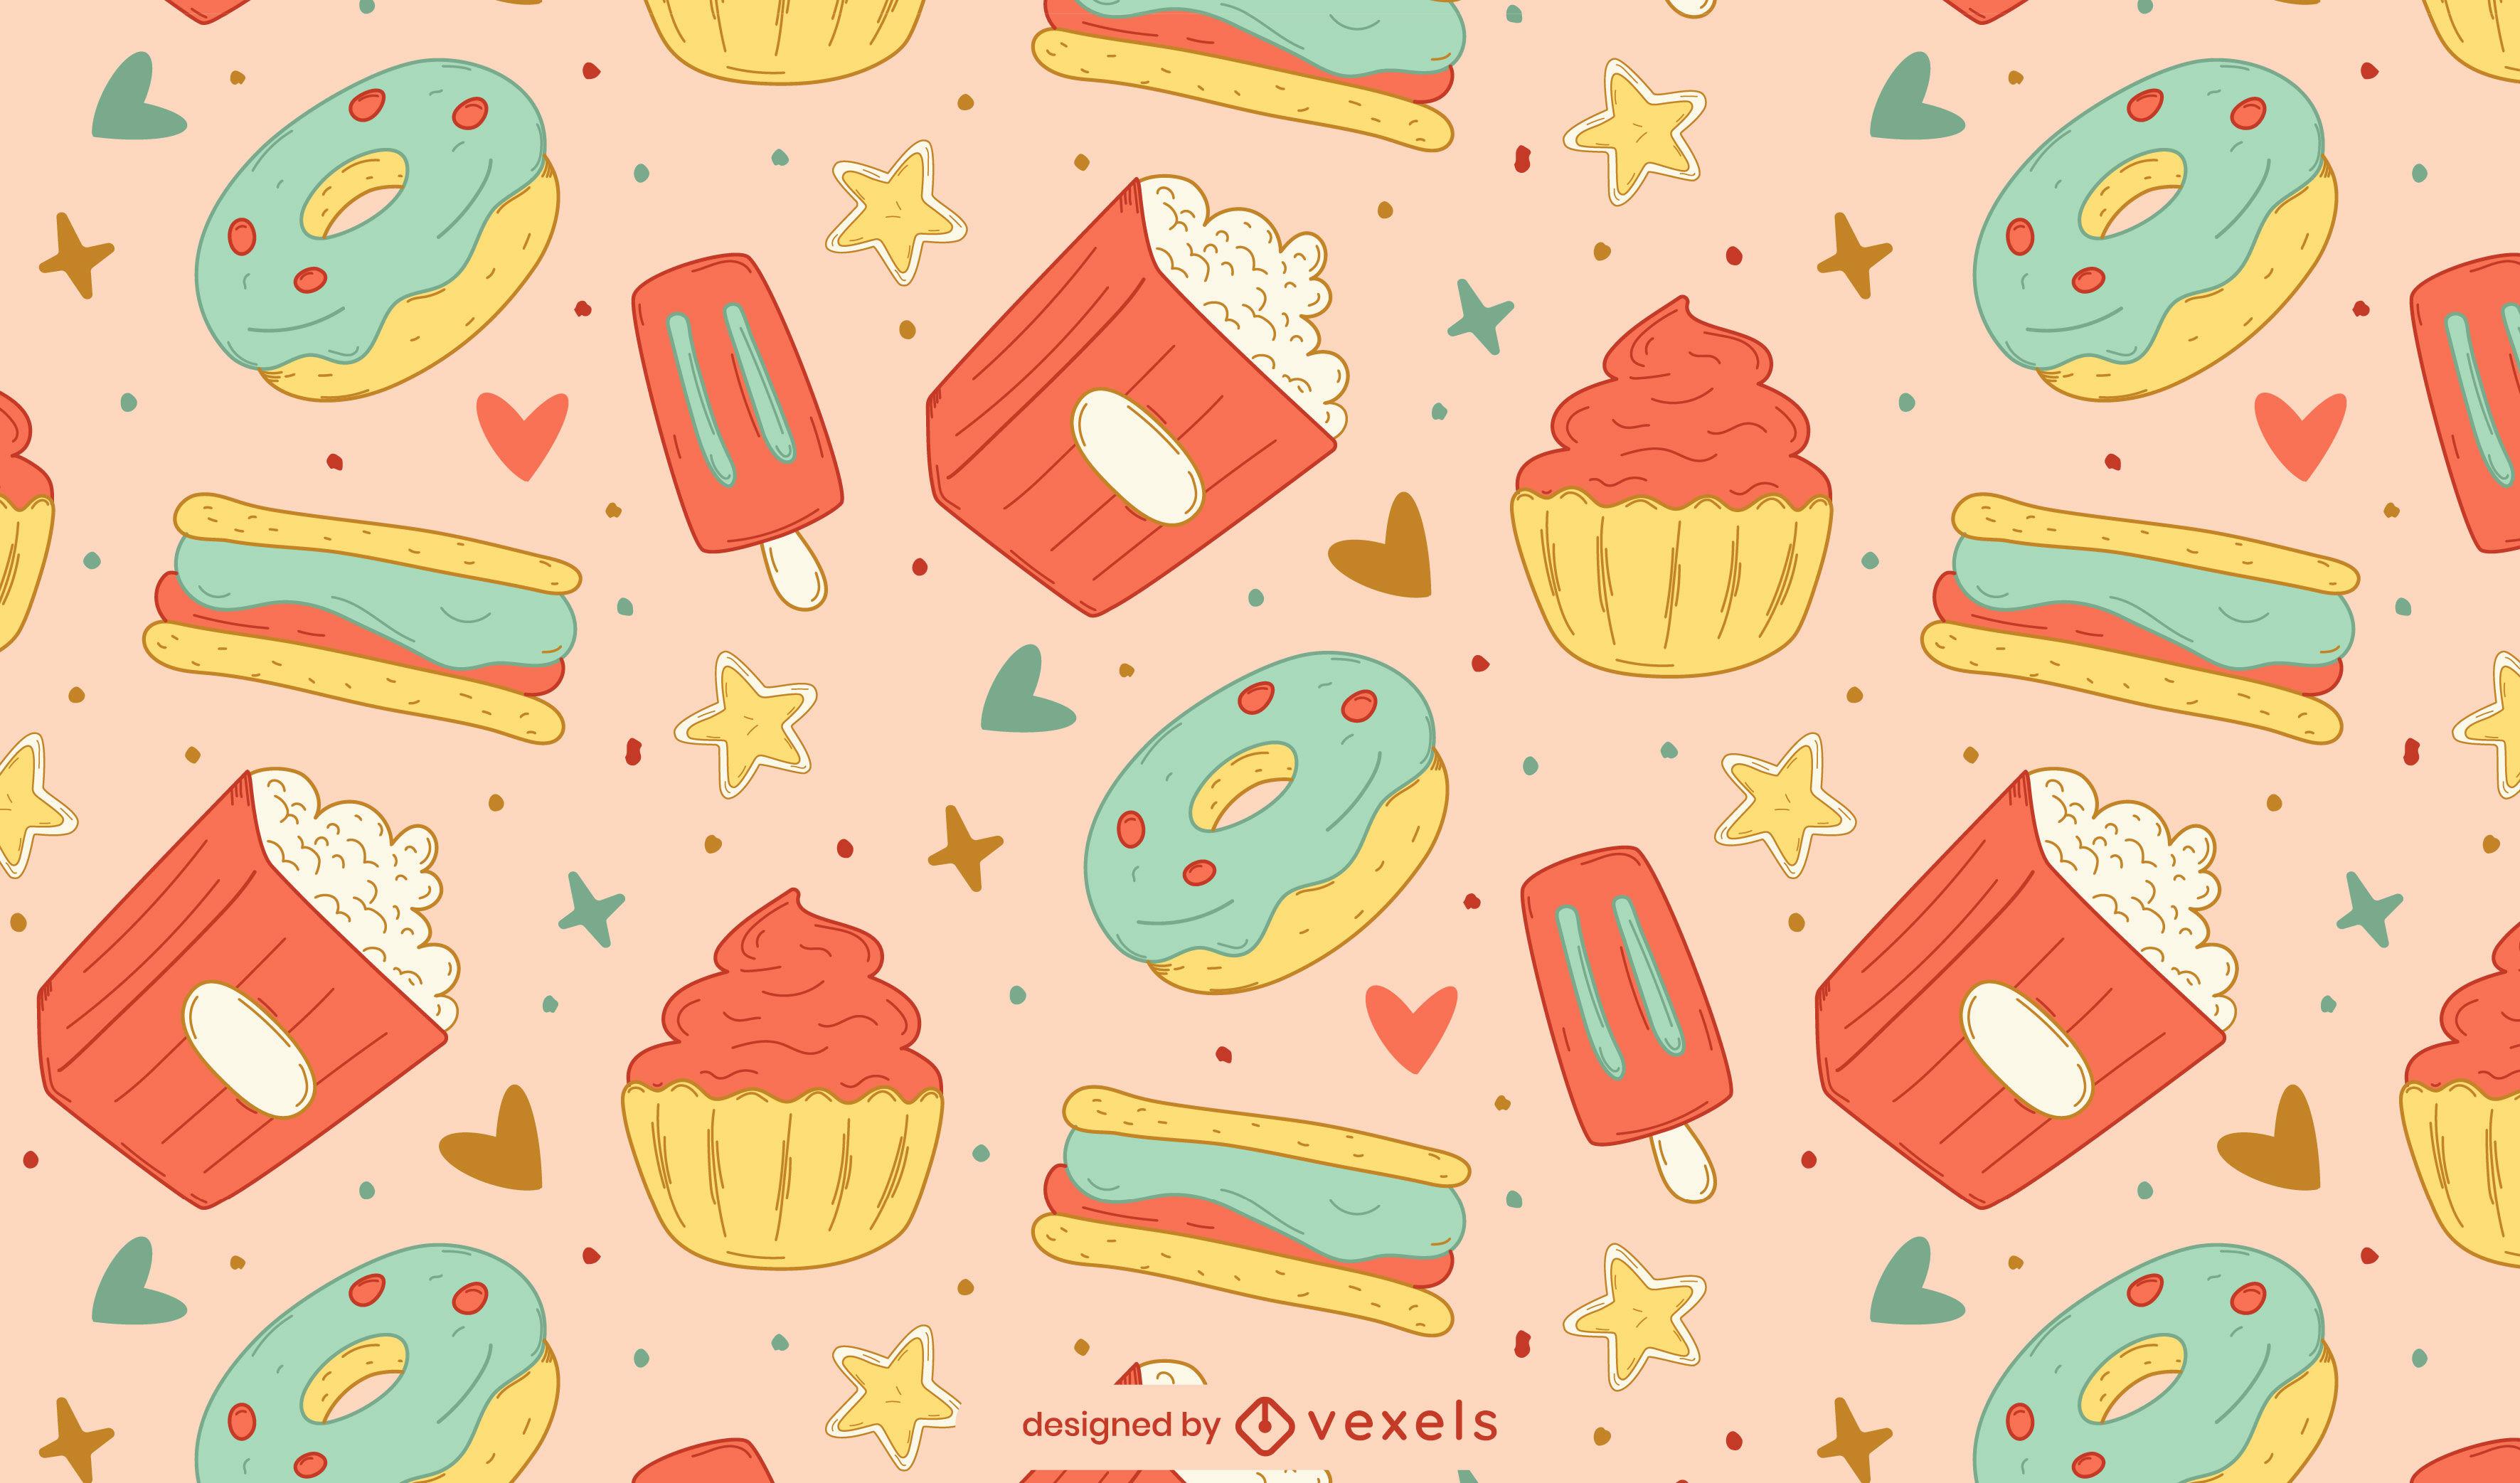 Musterdesign für süße Speisen und Snacks